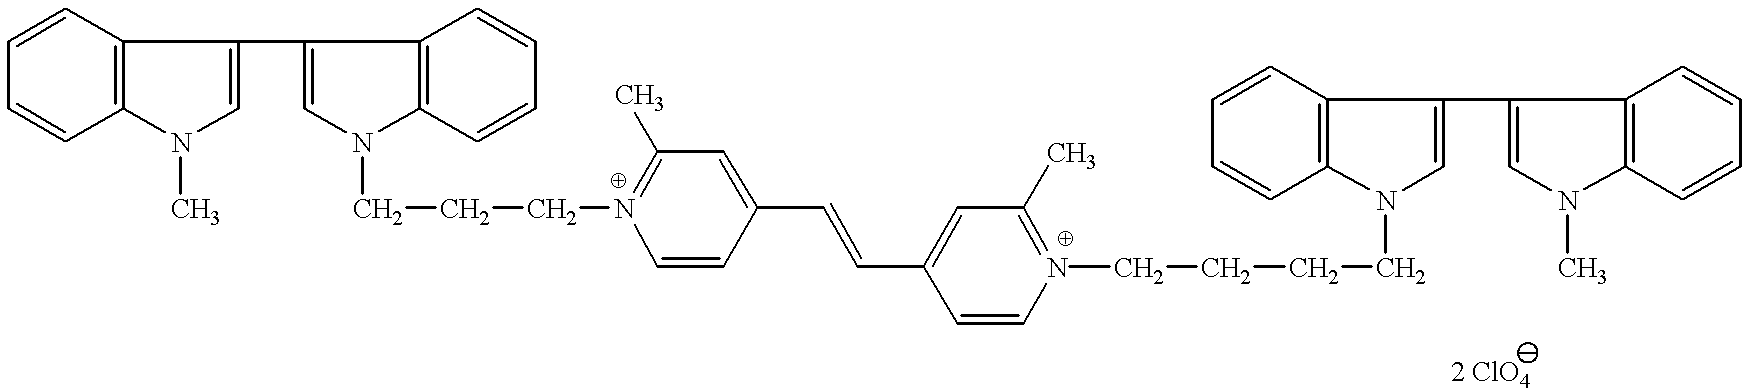 Figure US06241916-20010605-C00057